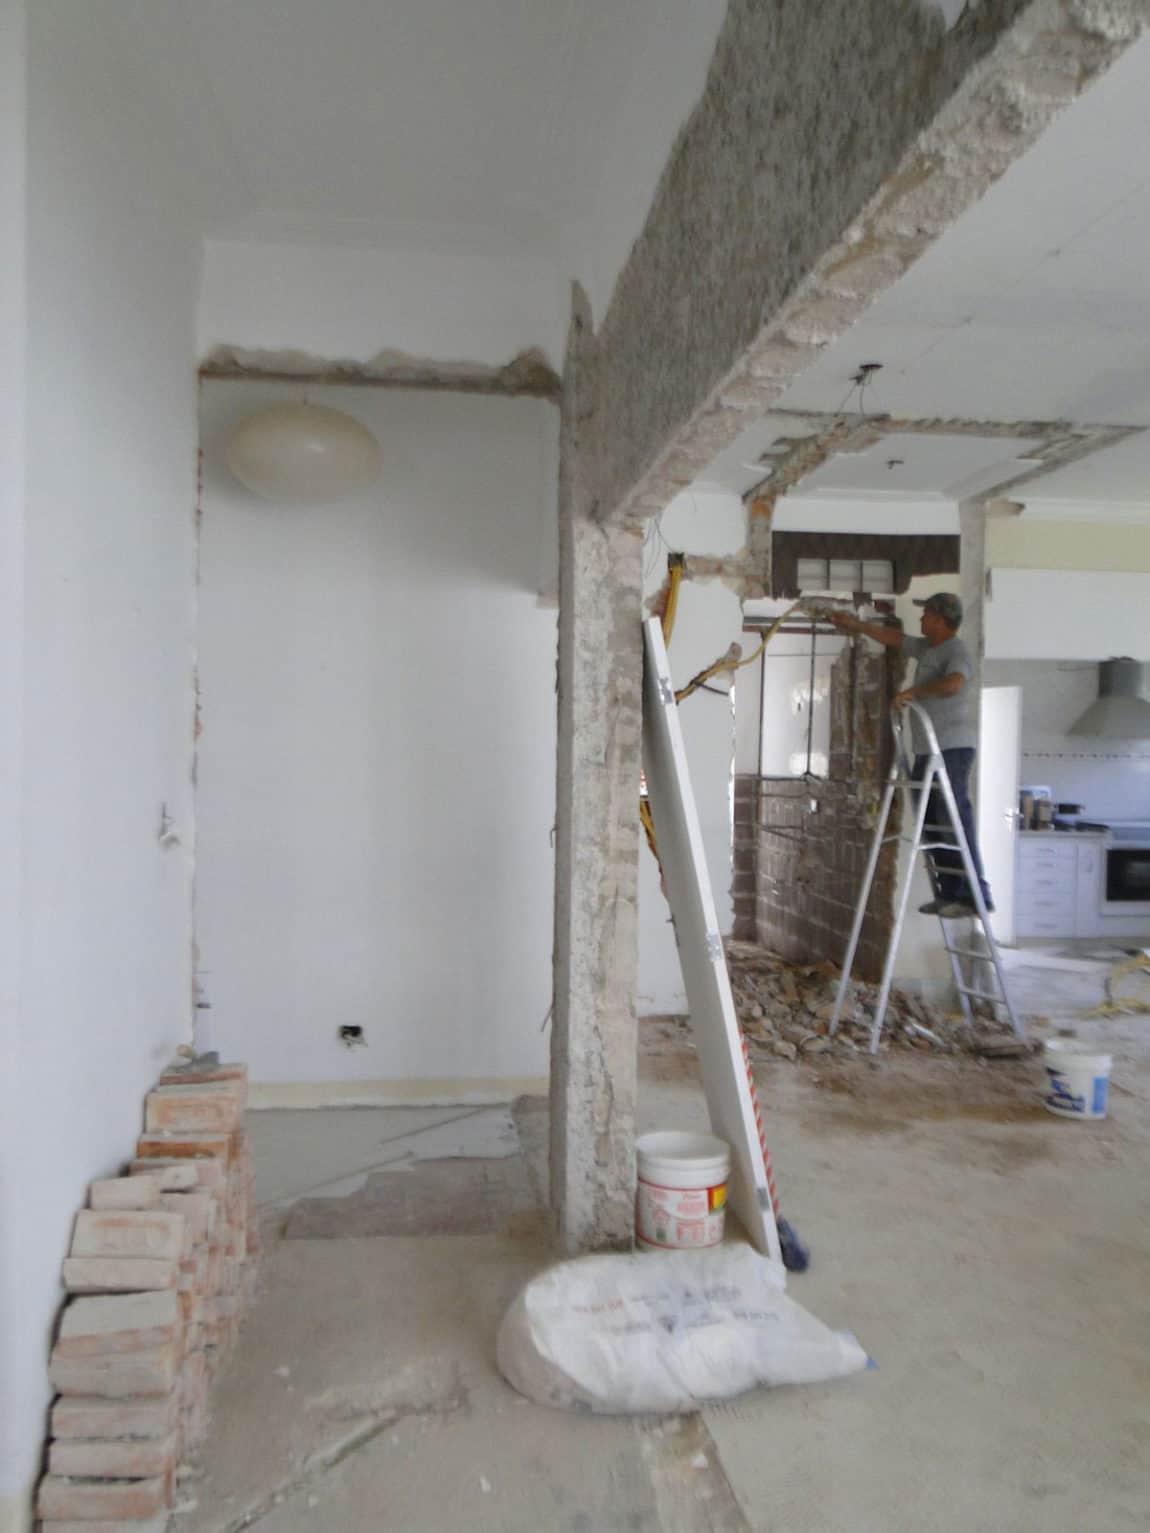 Maranhão Apartment by FC Studio (9)